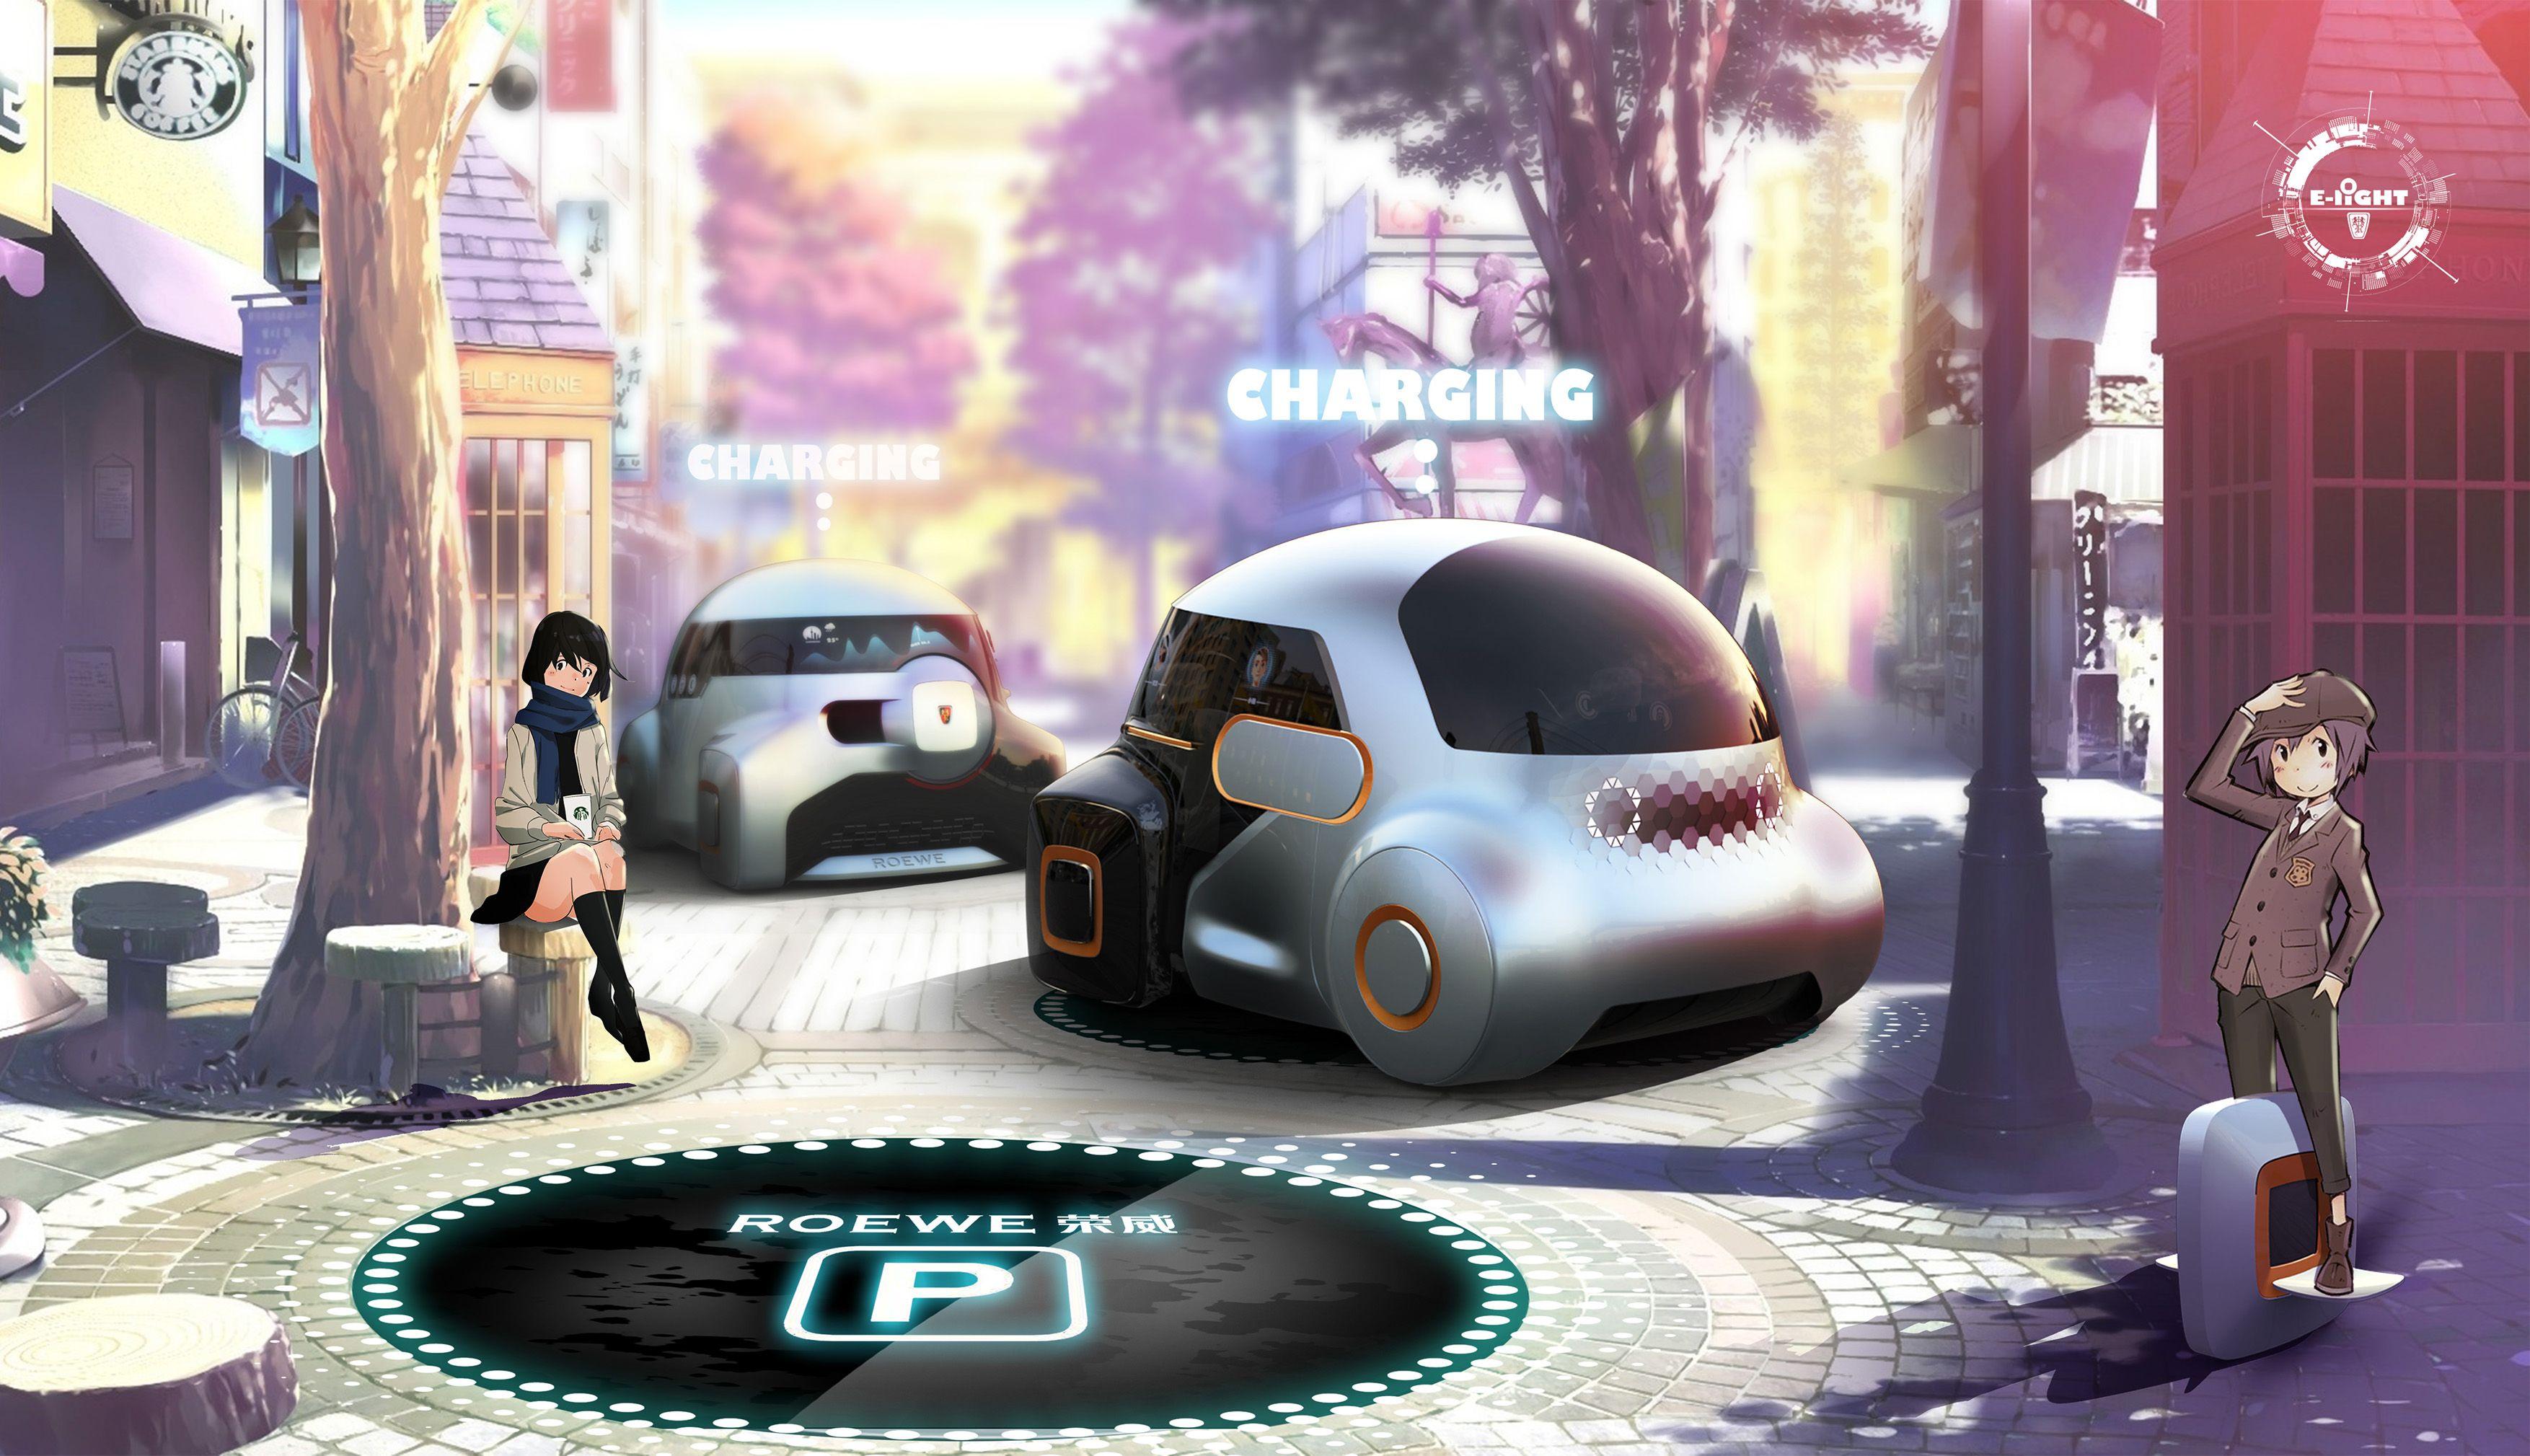 Pin by 设计游牧民 (Bao Han) on concept car design Concept car